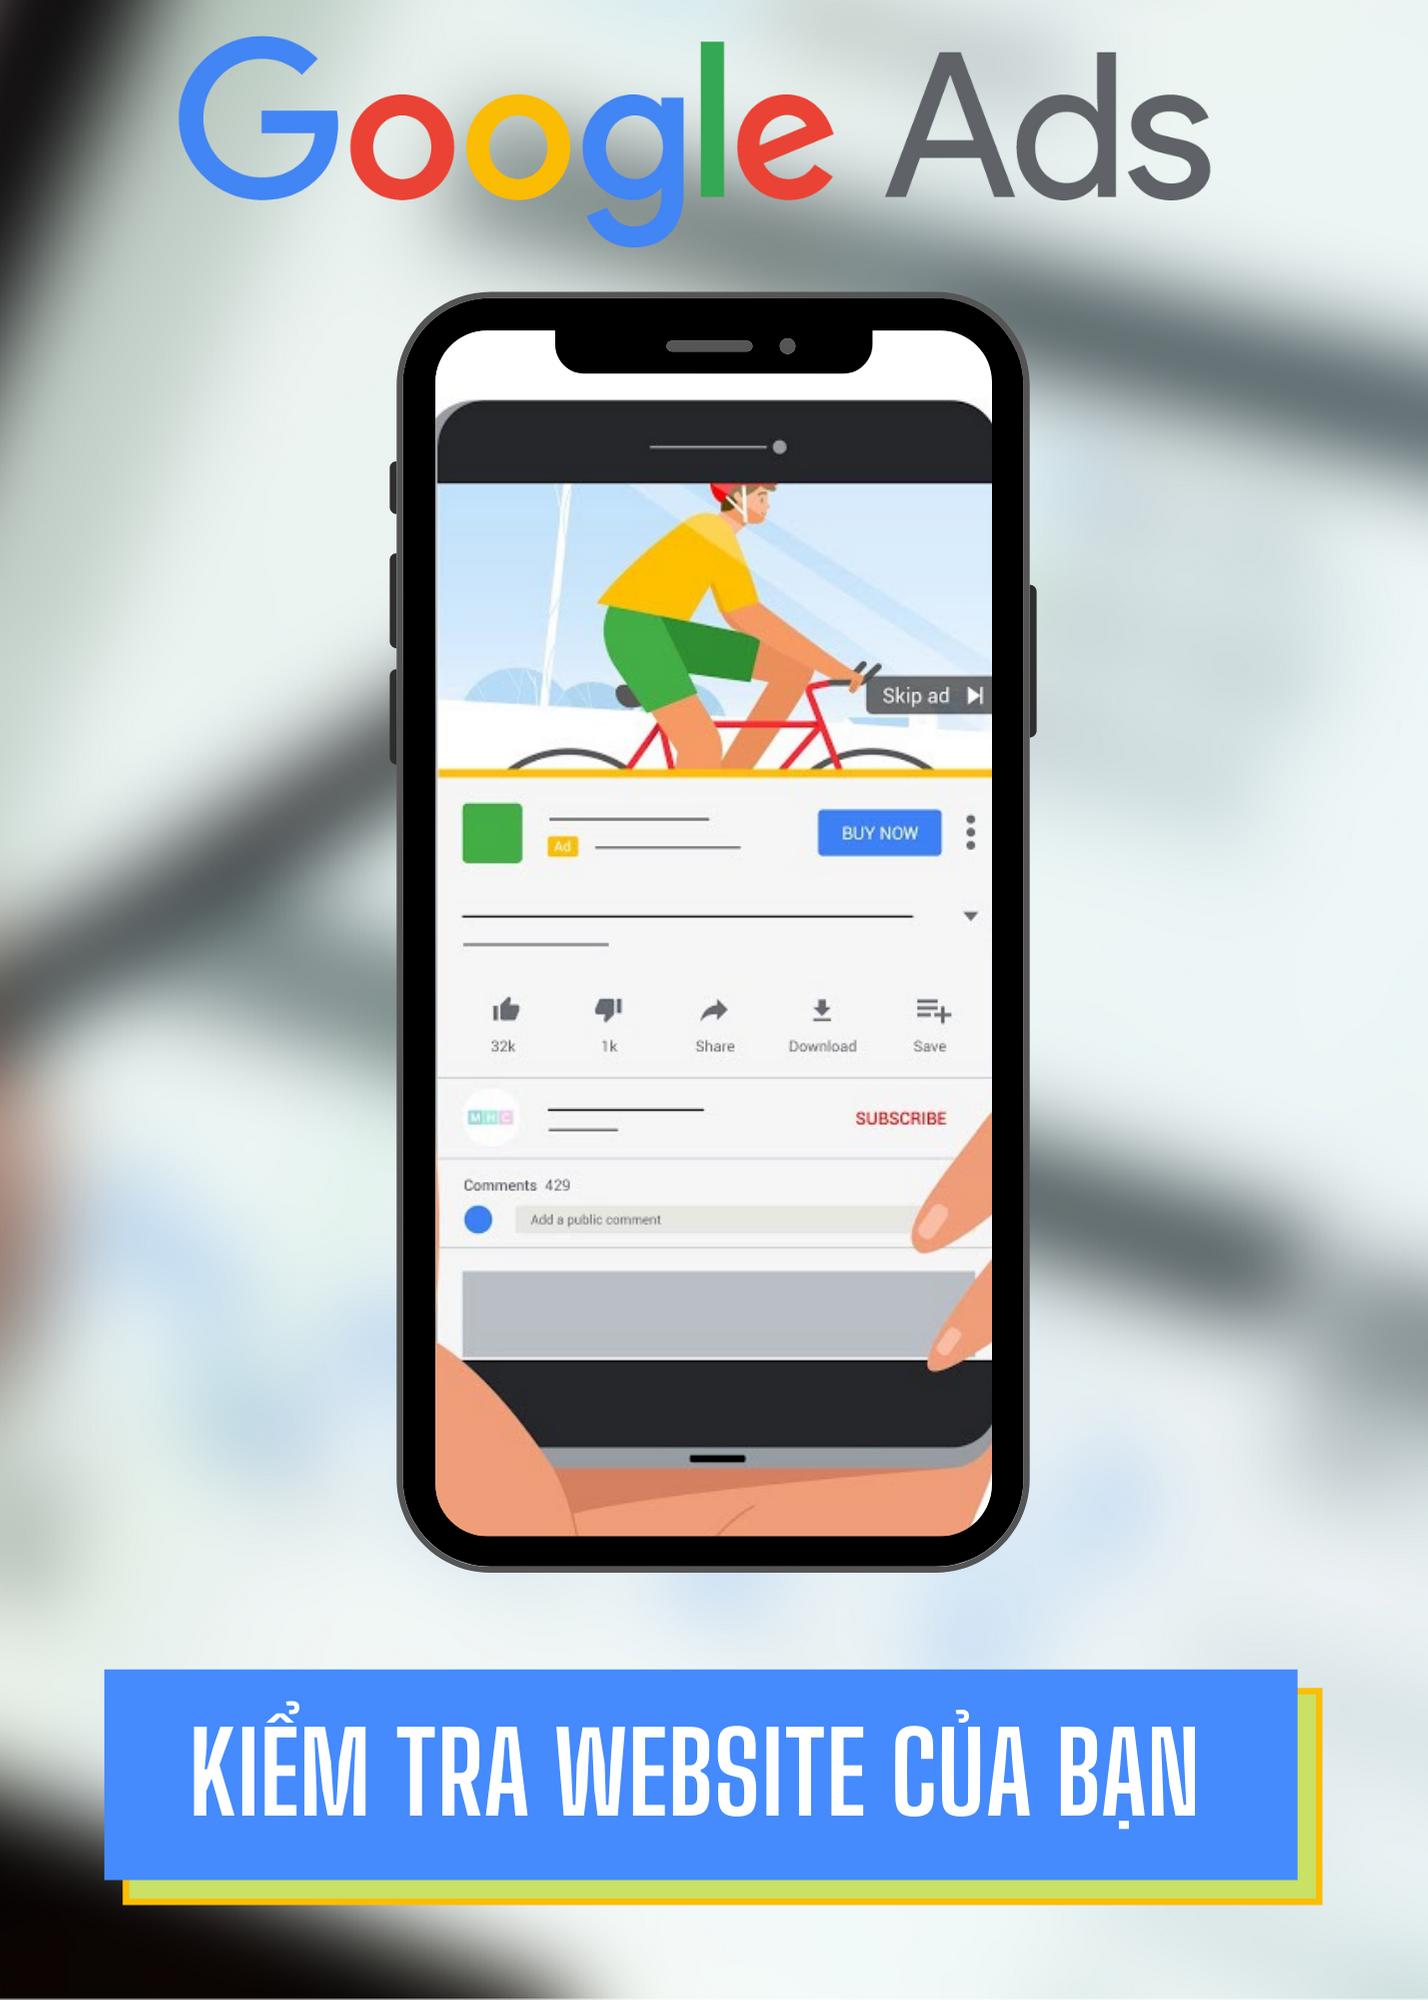 Quảng cáo Google Ads bán ô tô